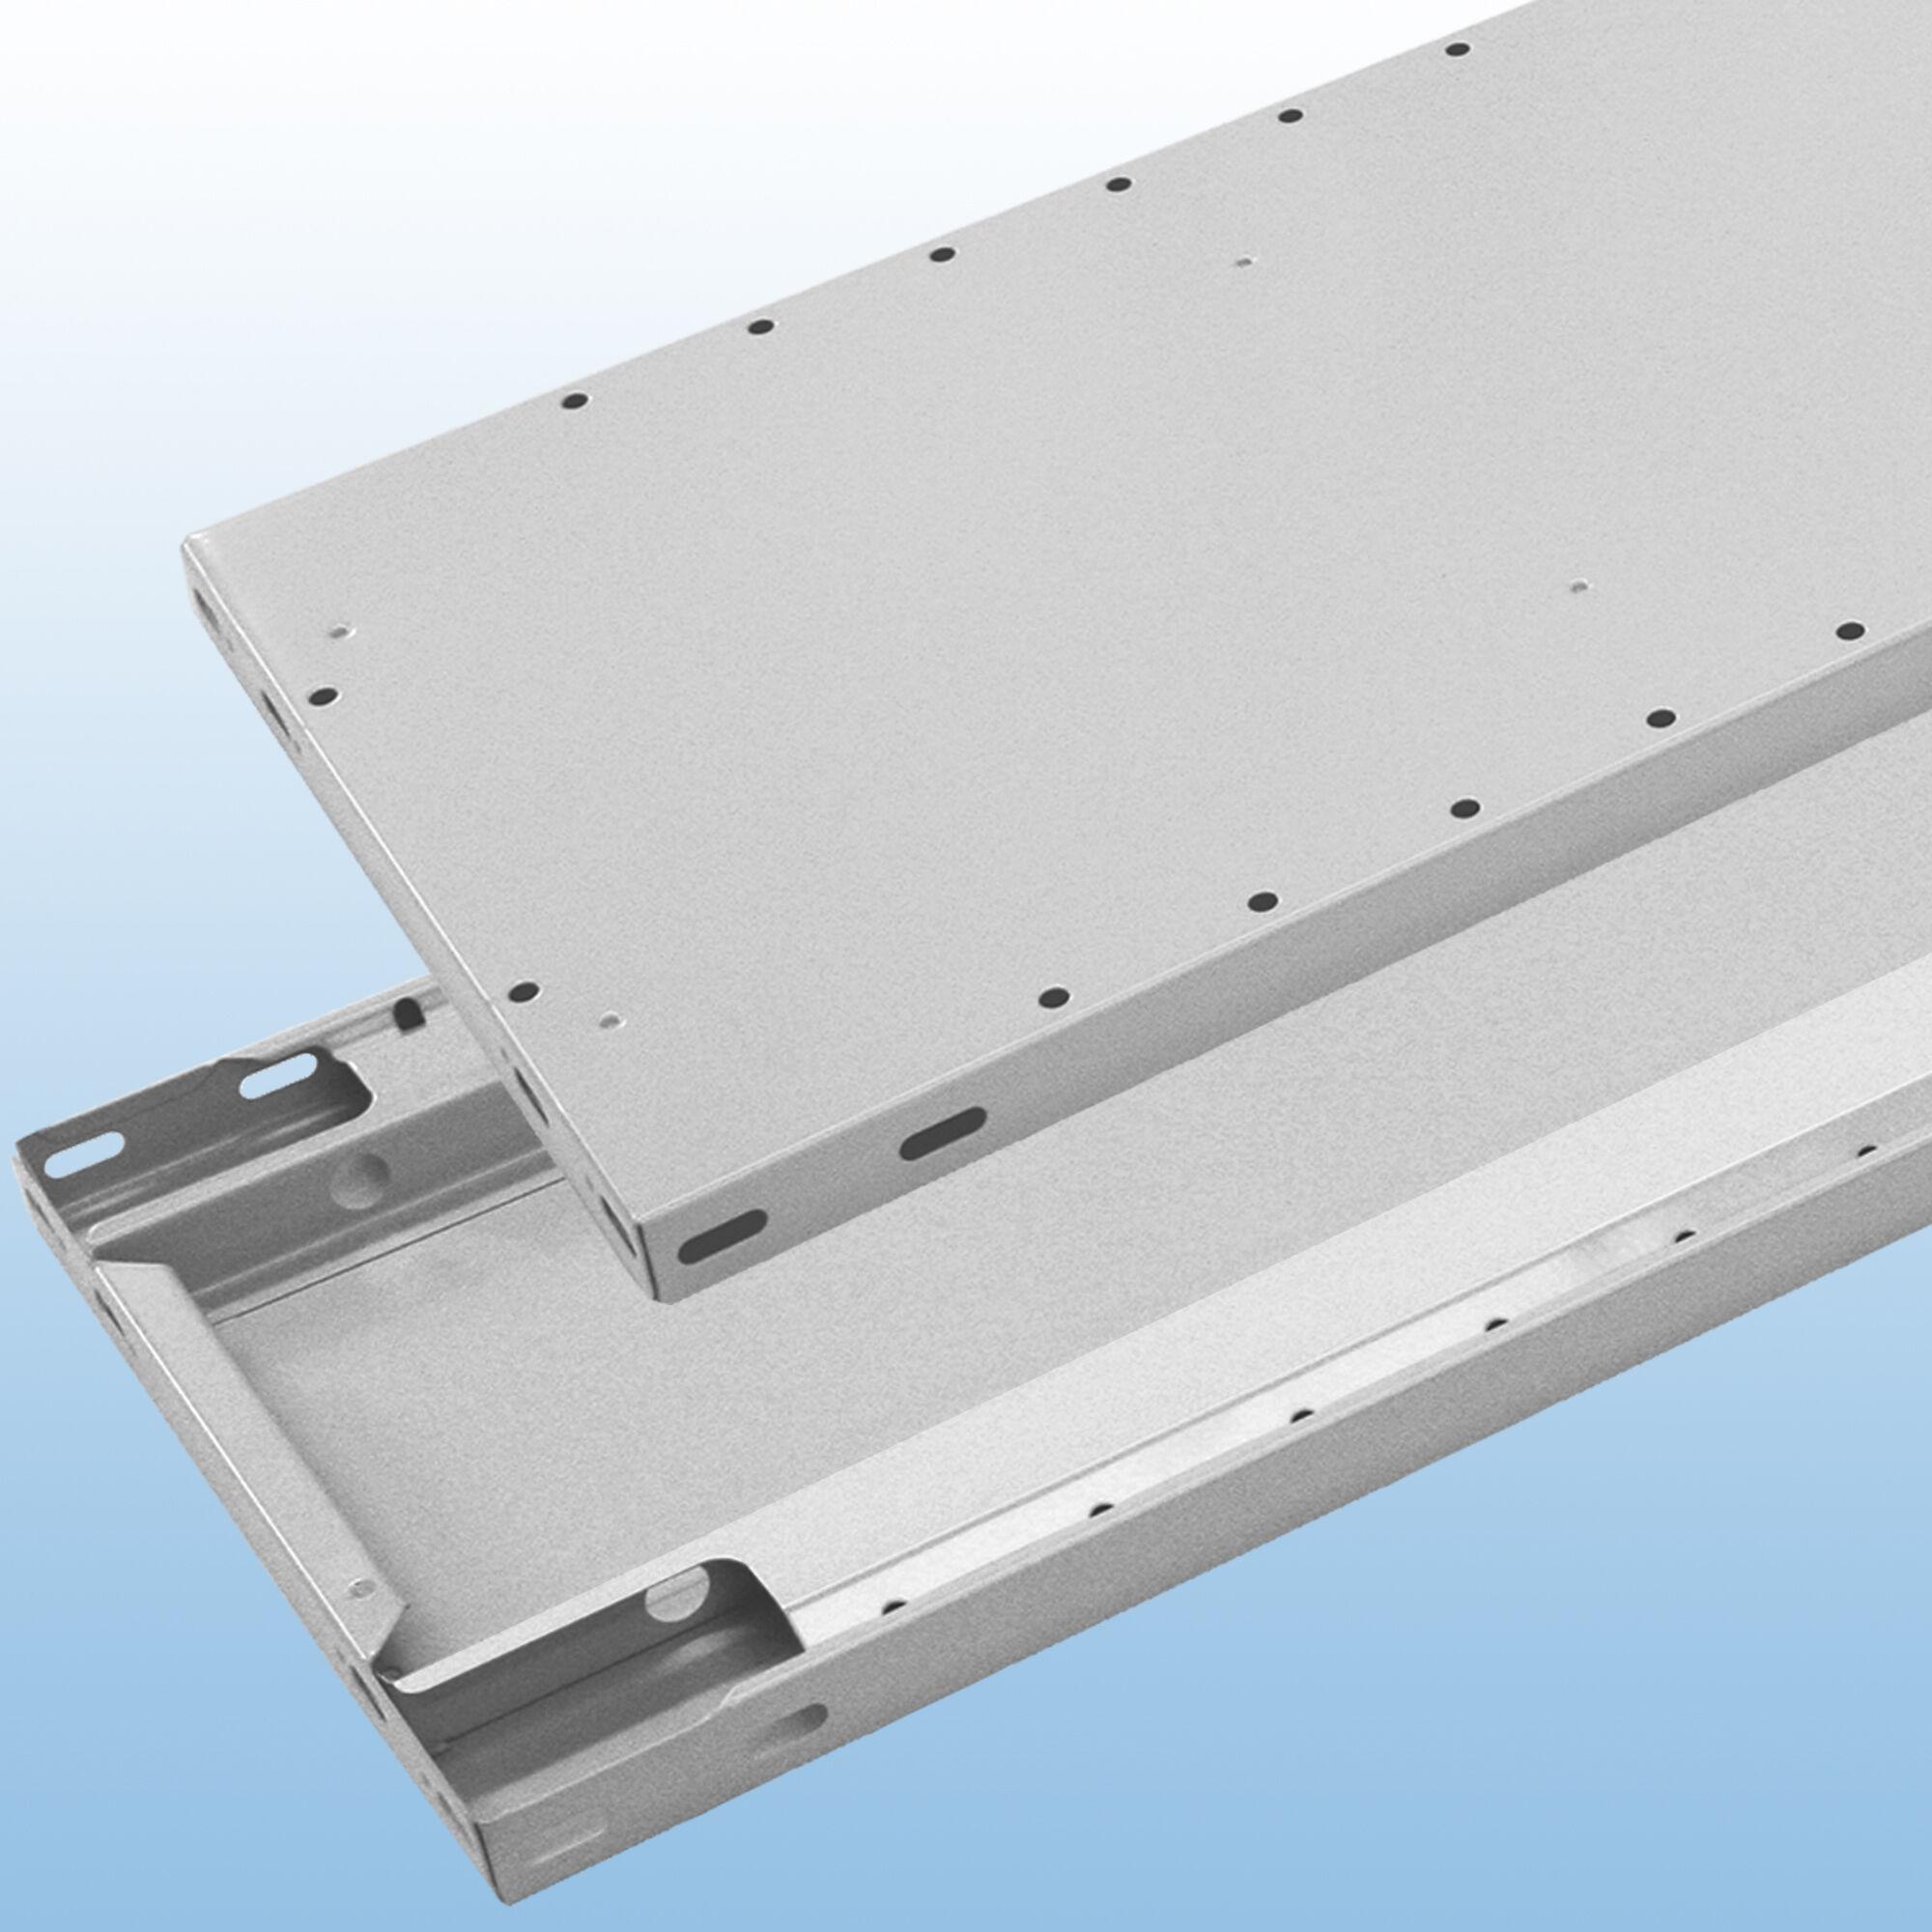 Zusatzfachböden S20 RAL 7035 lichtgrau